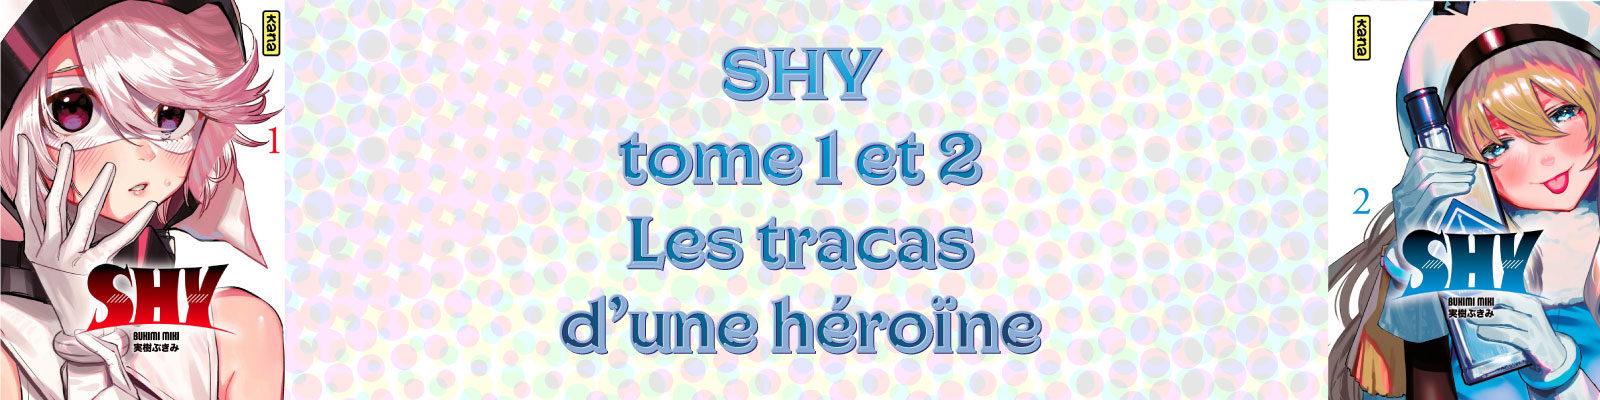 SHY-Vol.-1-1